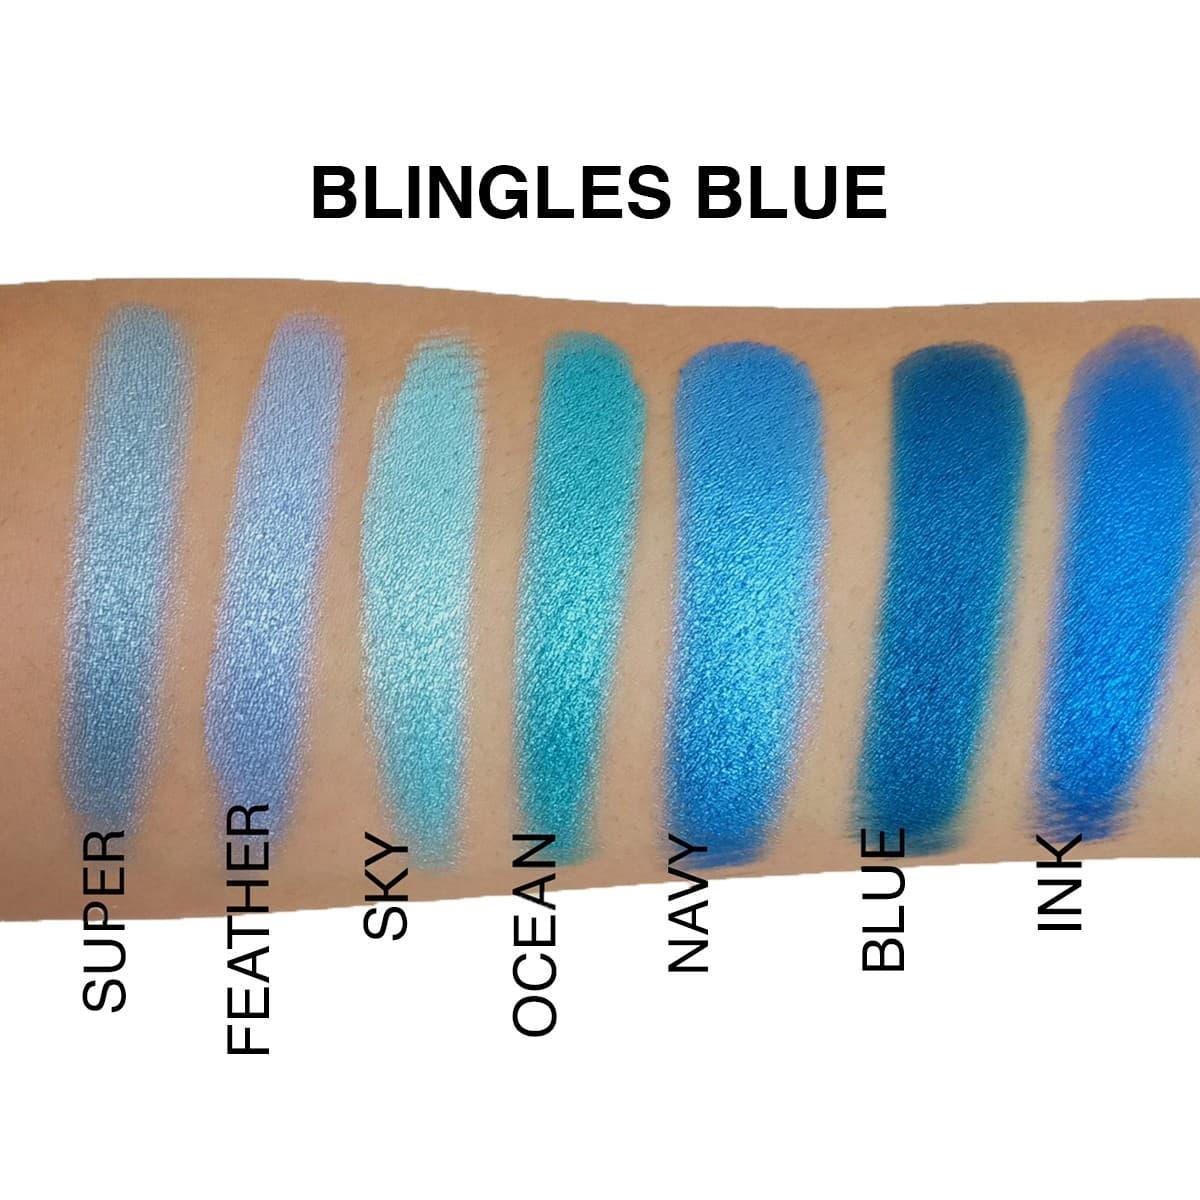 Blingles-Blue-1-min